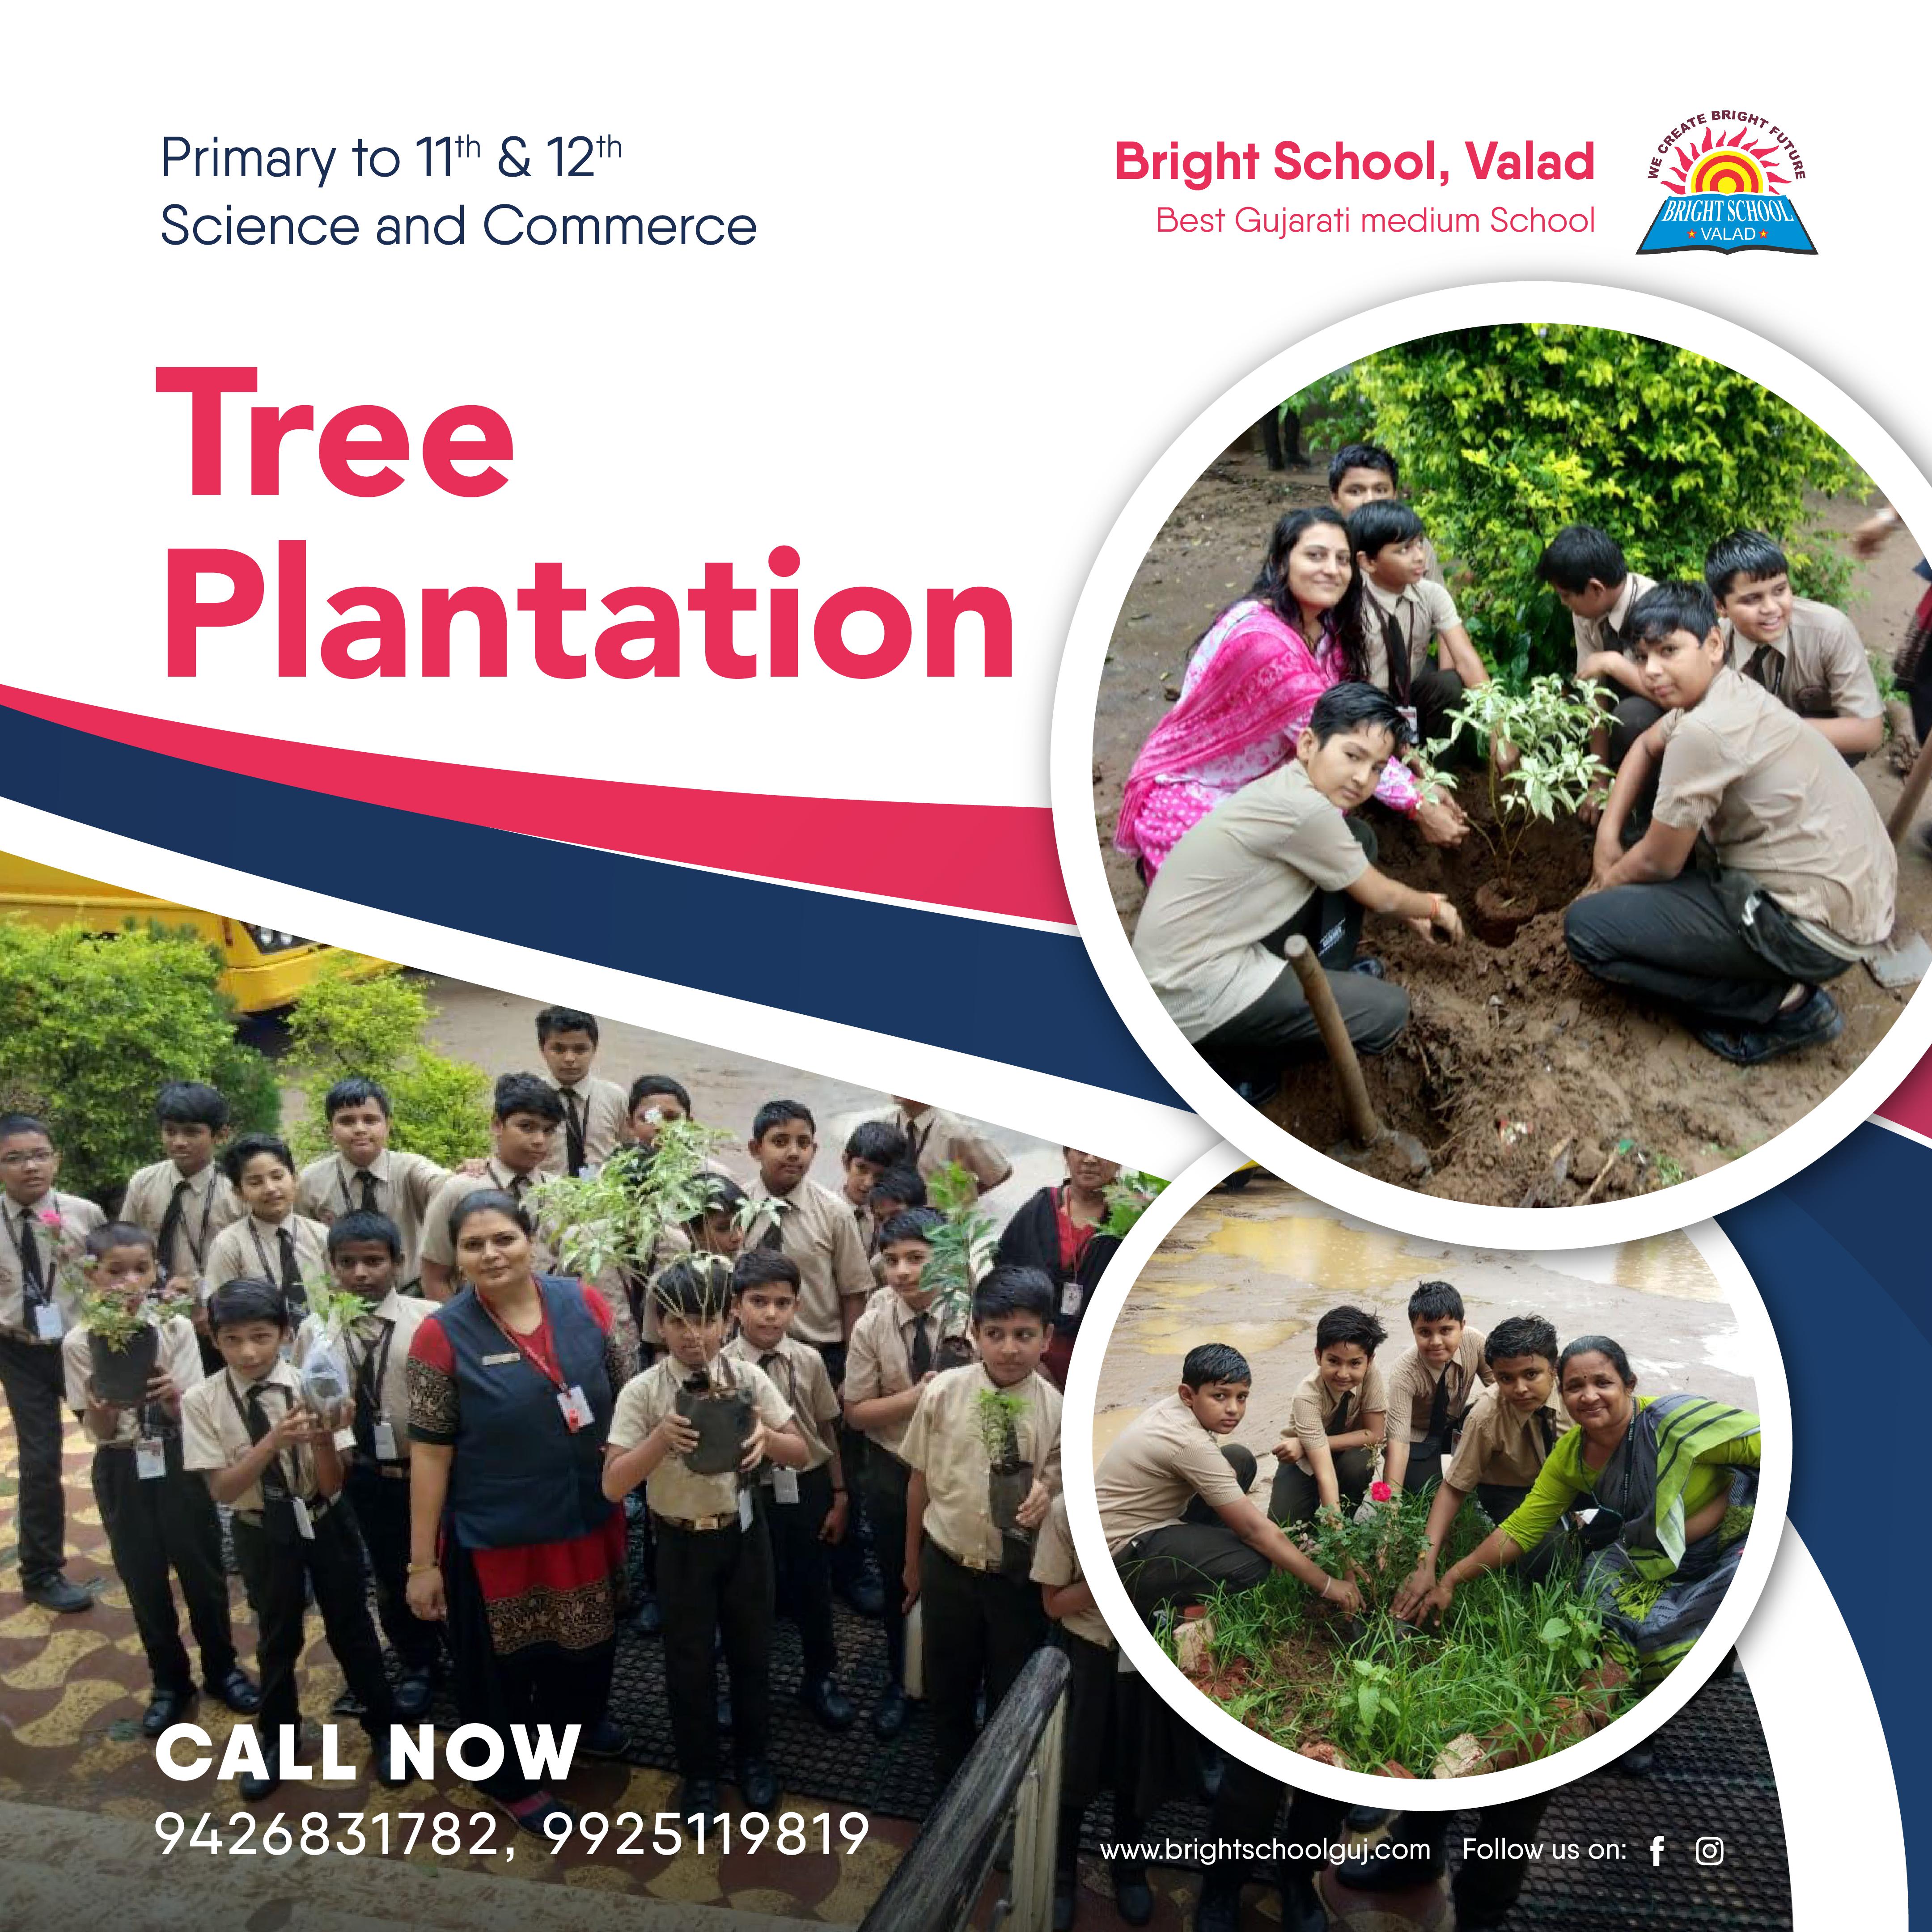 brighttreeplantation1schoolvalad